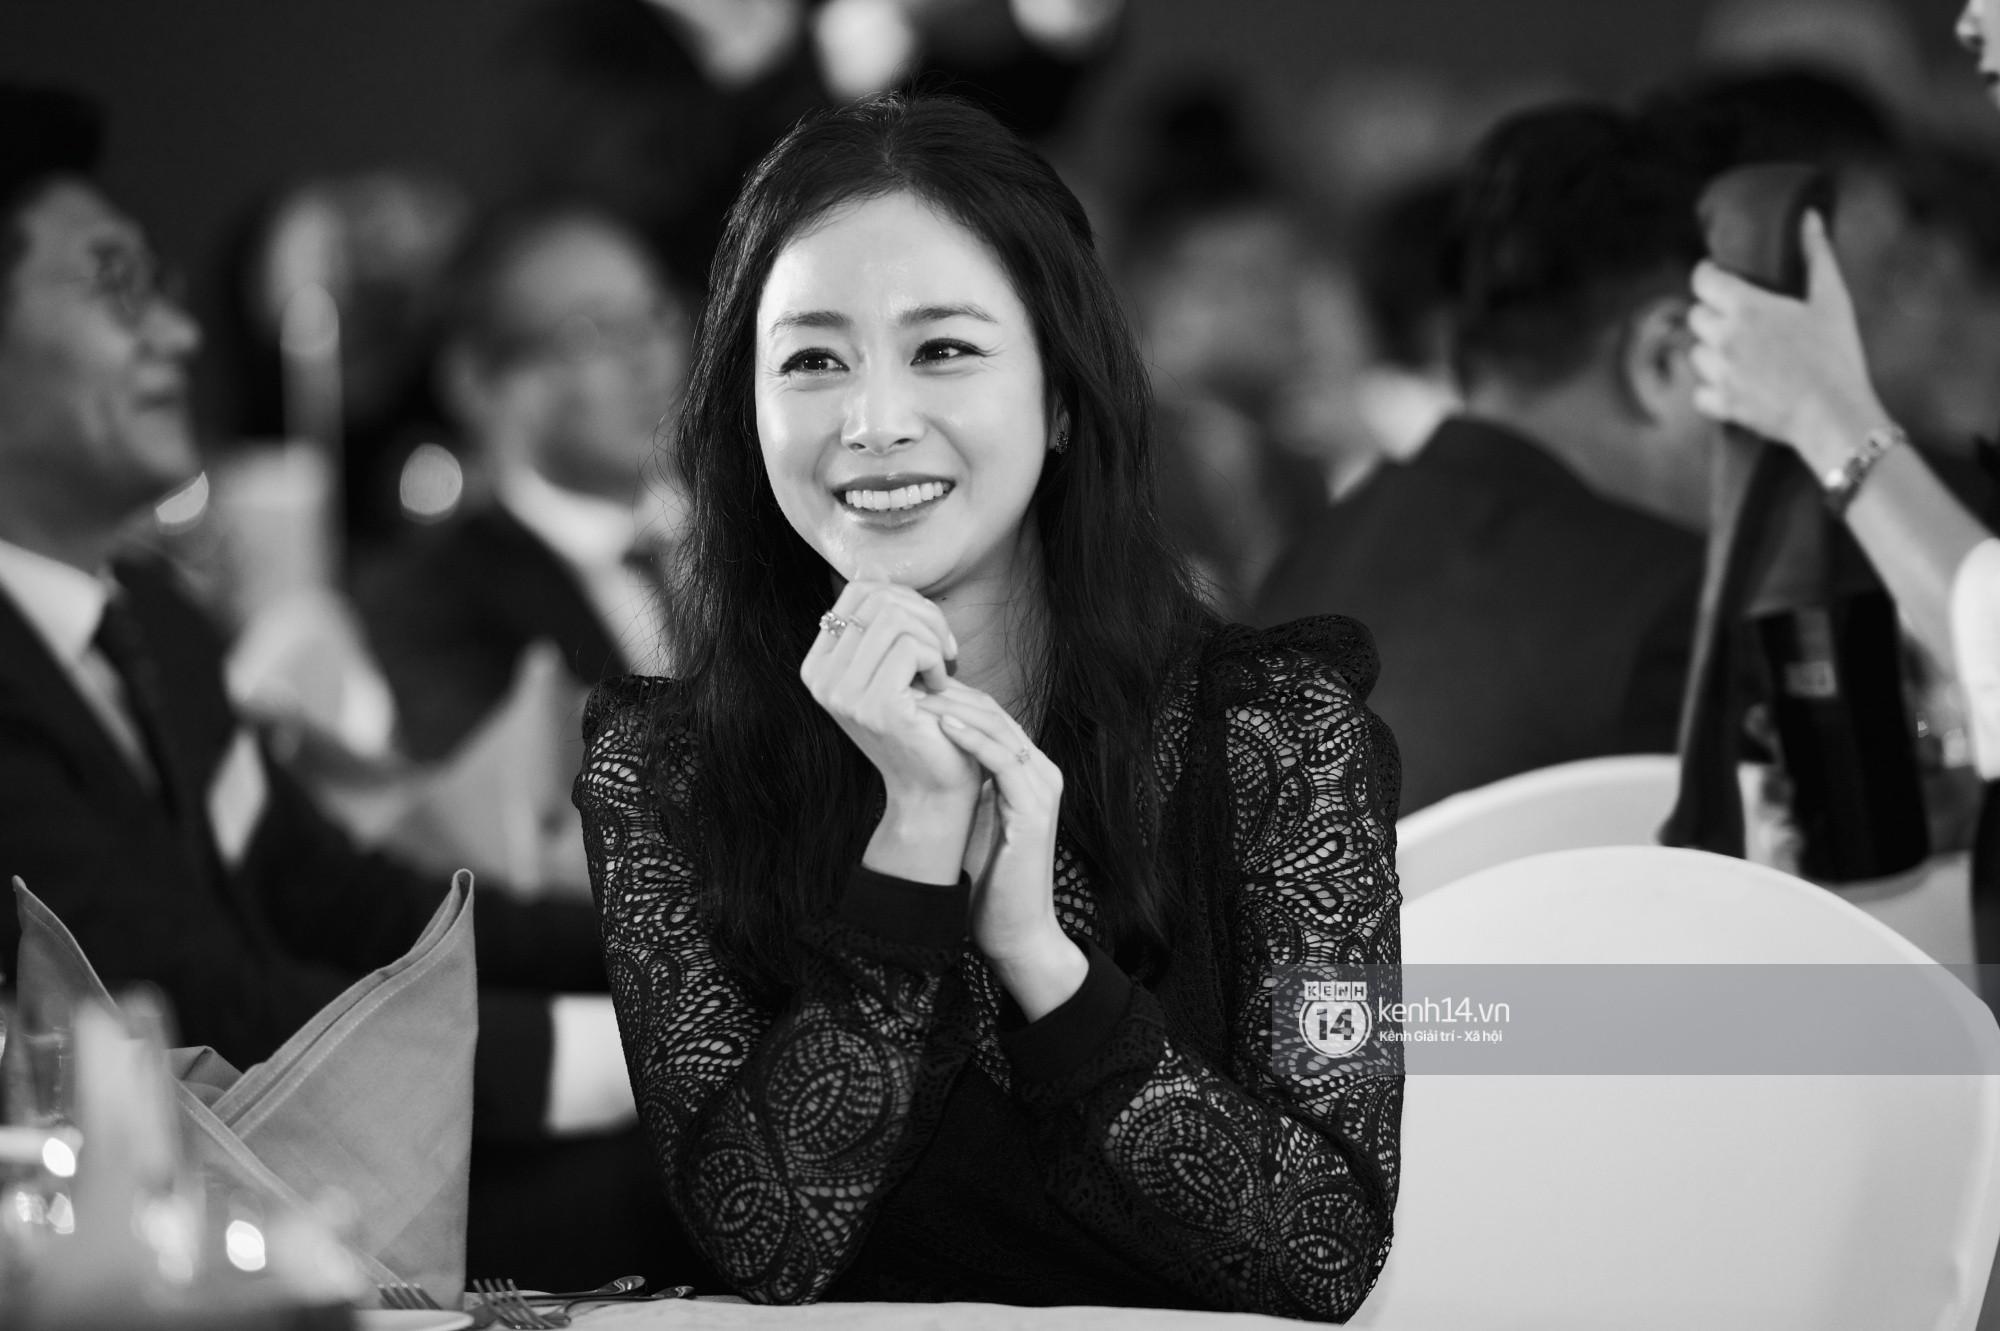 Bộ ảnh đẹp nhất của Kim Tae Hee tại đêm tiệc Hàn ở Hà Nội: Khoảnh khắc minh tinh châu Á hút hồn toàn bộ khán phòng-6